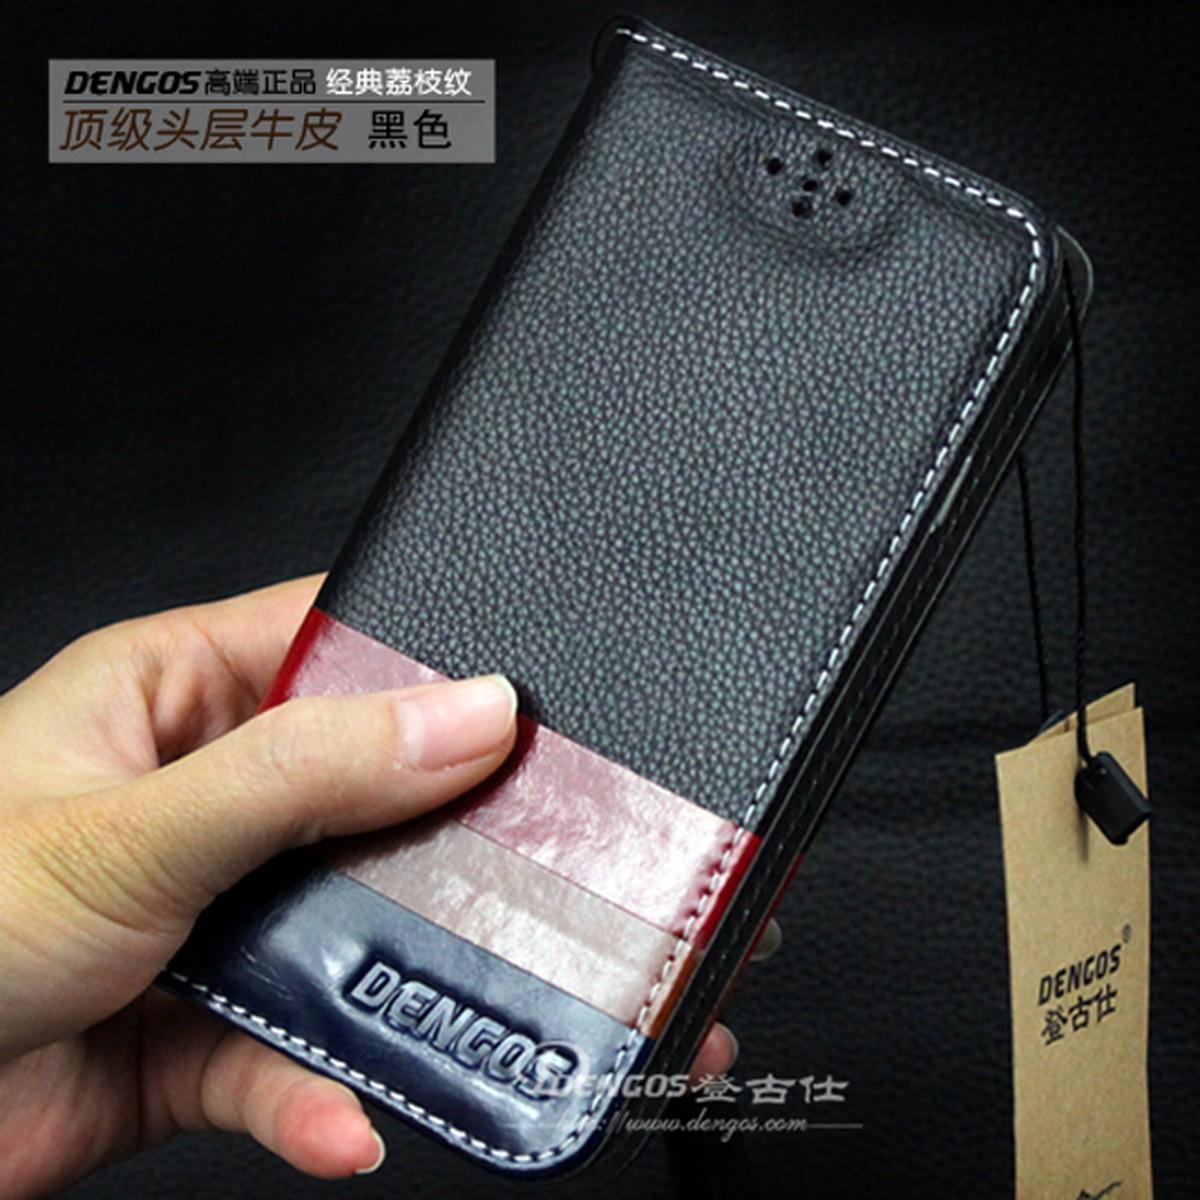 ゆうパケット メール便 送料200円 Galaxy S6 edge 35%OFF SC-04G SCV31 404SC 黒色 高級本革 カバー スマートフォンケース 茶色 爆売り 紺色 本革ケースB 赤色